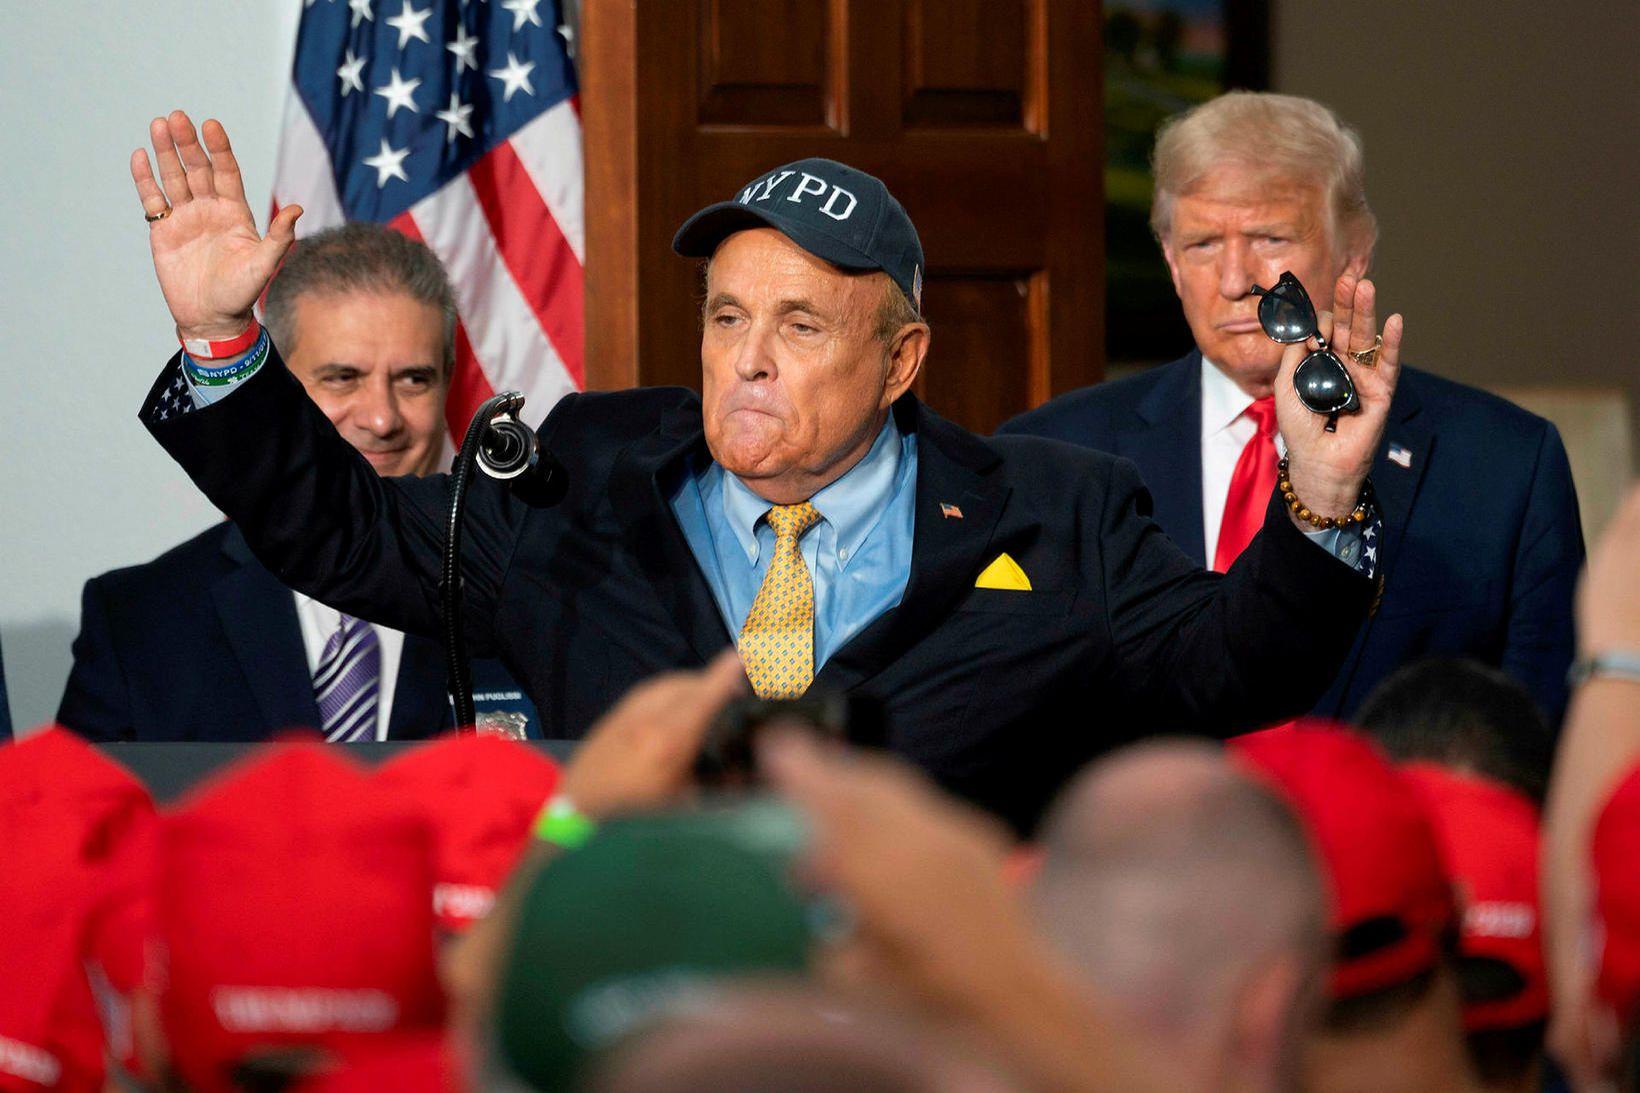 Rudy Giuliani heldur ræðu í ágúst síðastliðnum. Donald Trump, til …